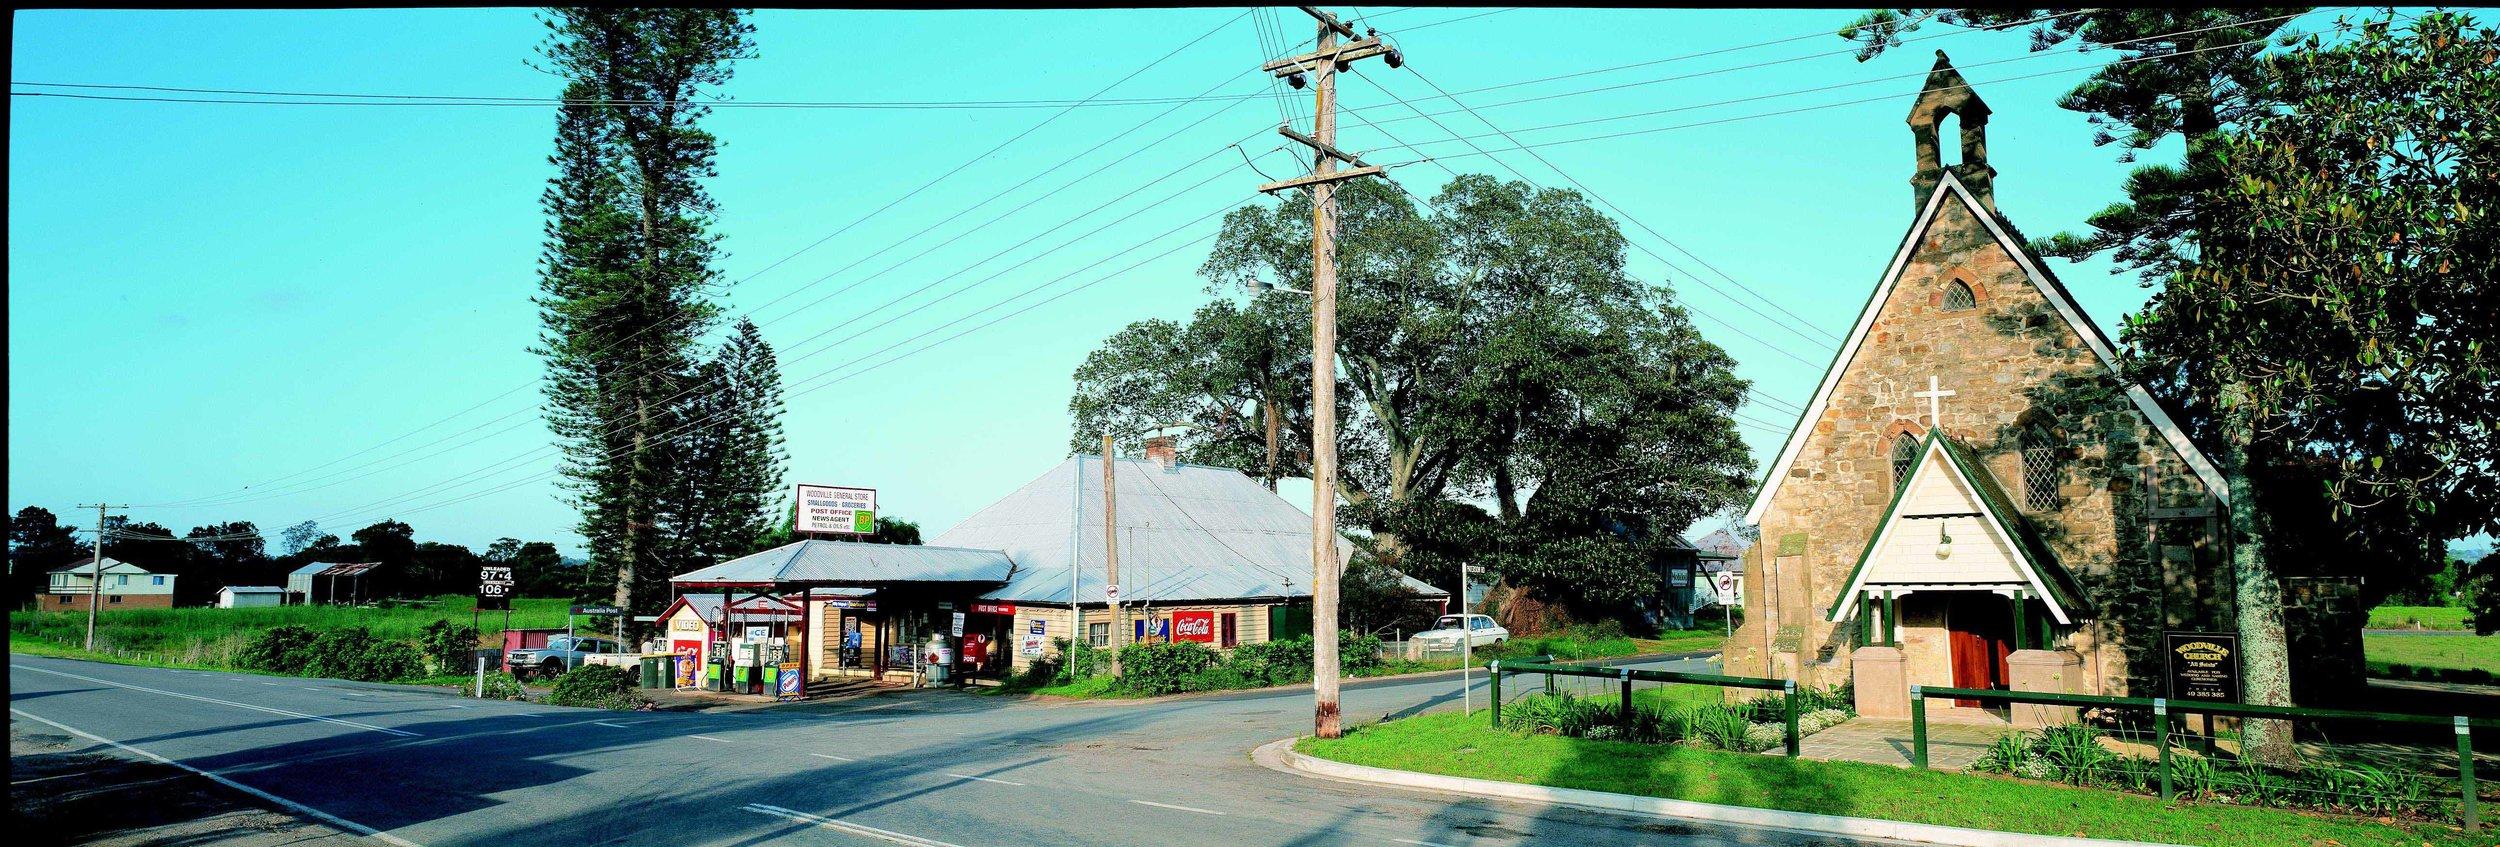 WoodvilleStreetscape.jpg